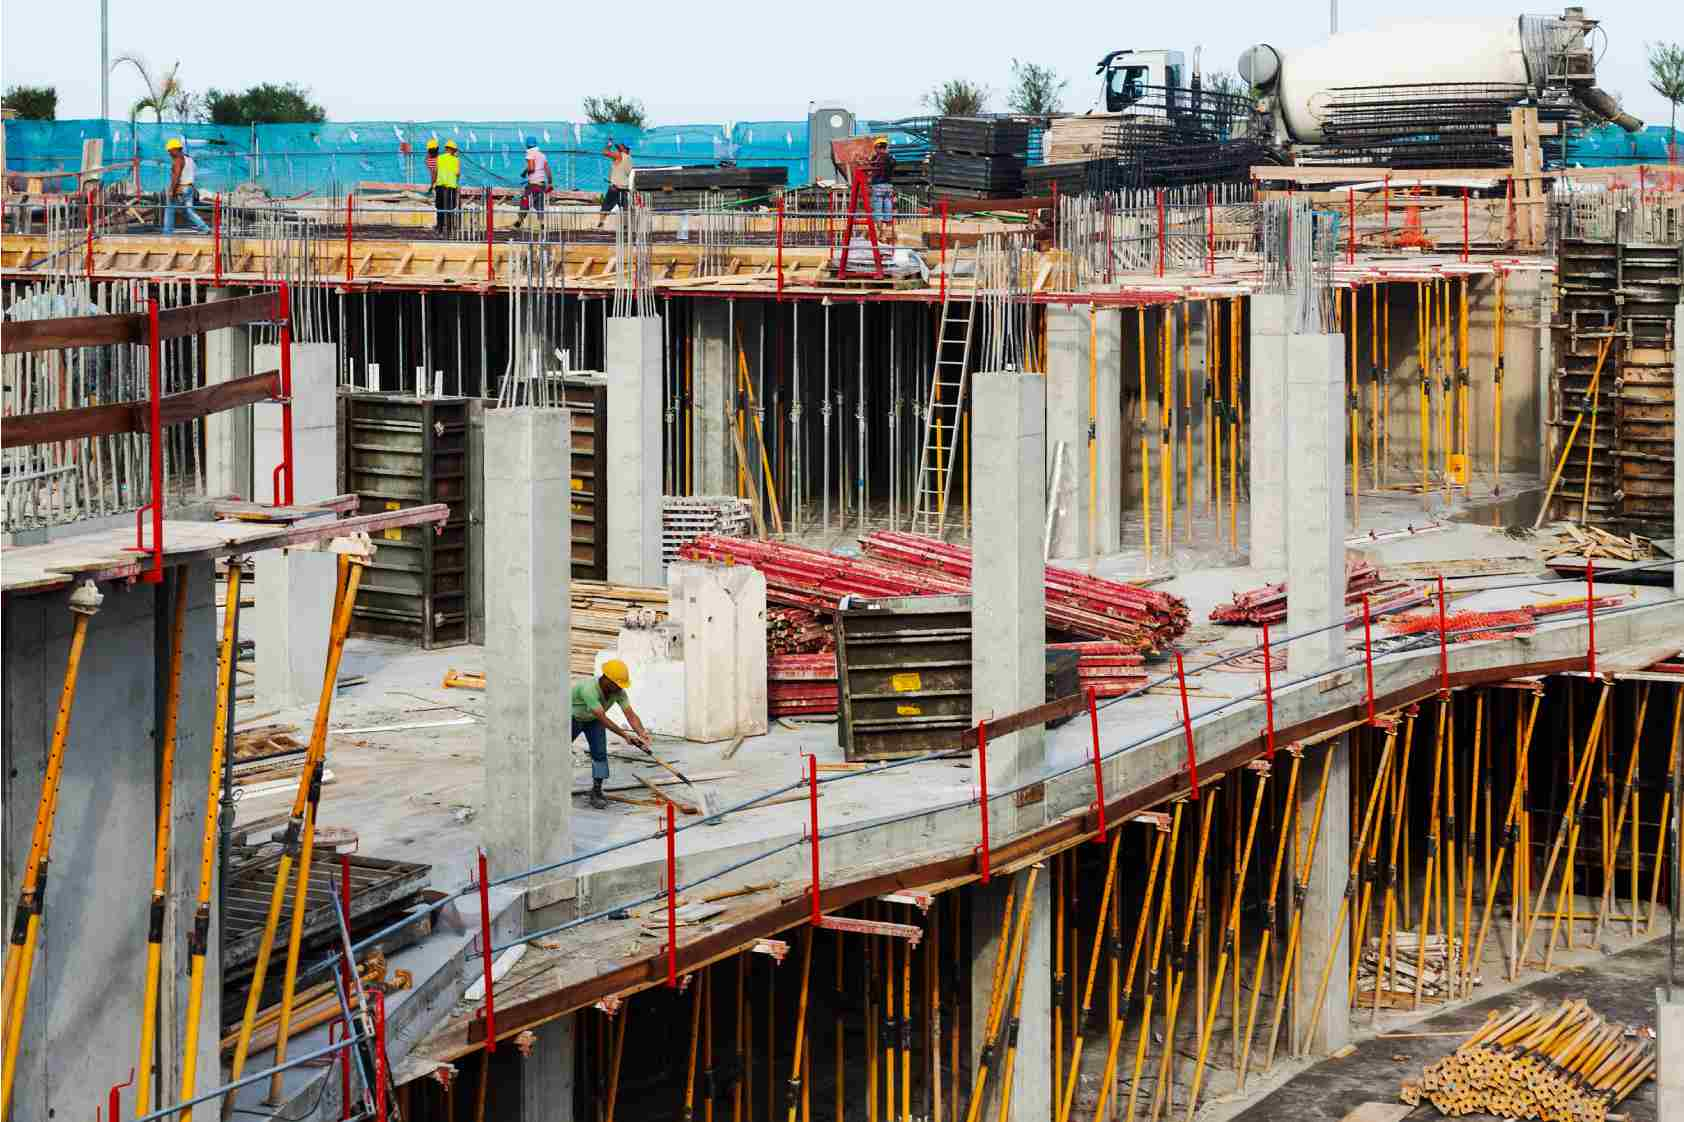 ¿Cambiará la construcción de las edificaciones a partir de la pandemia?